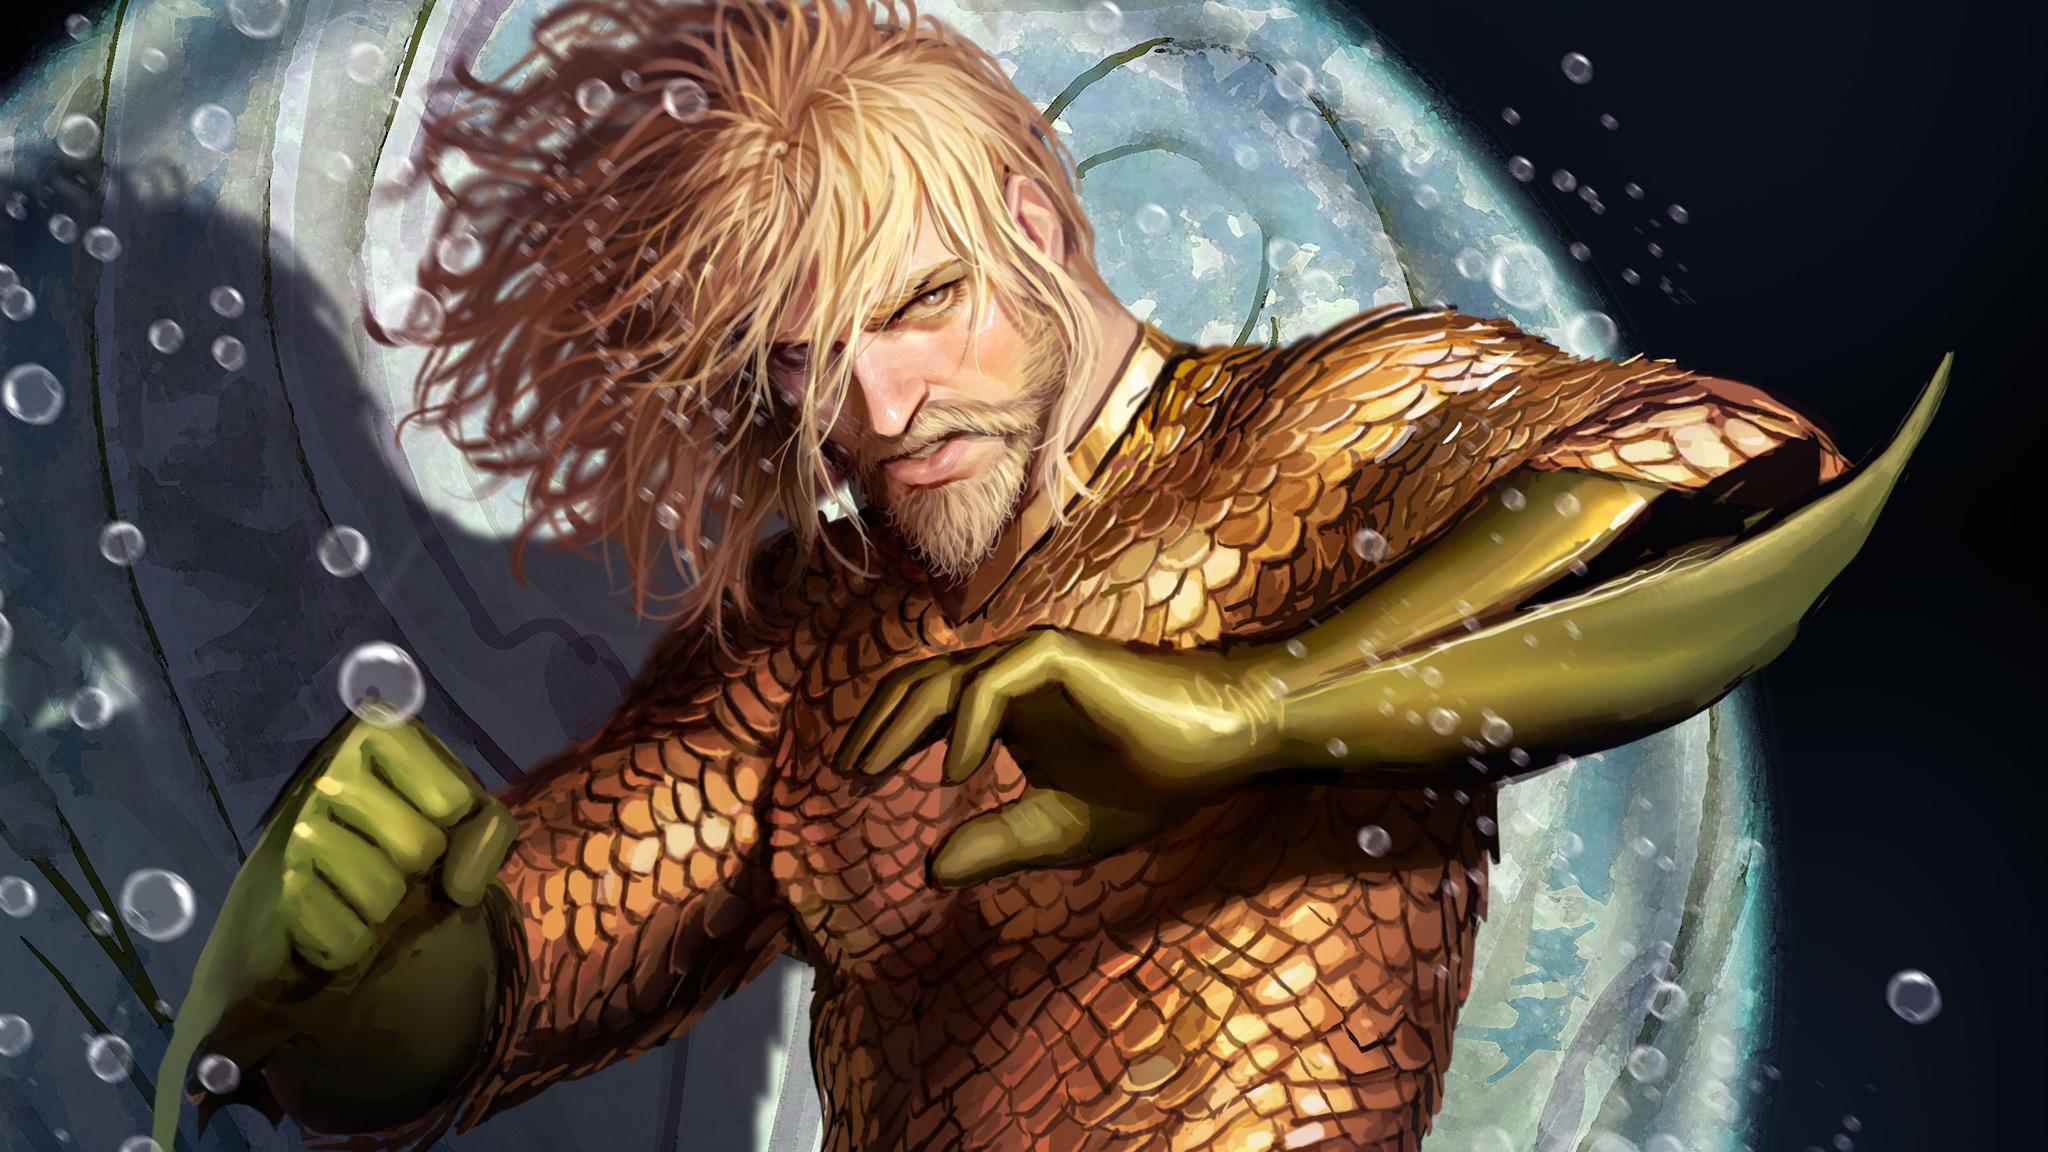 Aquaman est un superhéros appartenant à lunivers de DC Comics et le héros de la série du même nom Il a été créé par Paul Norris et Mort Weisinger dans